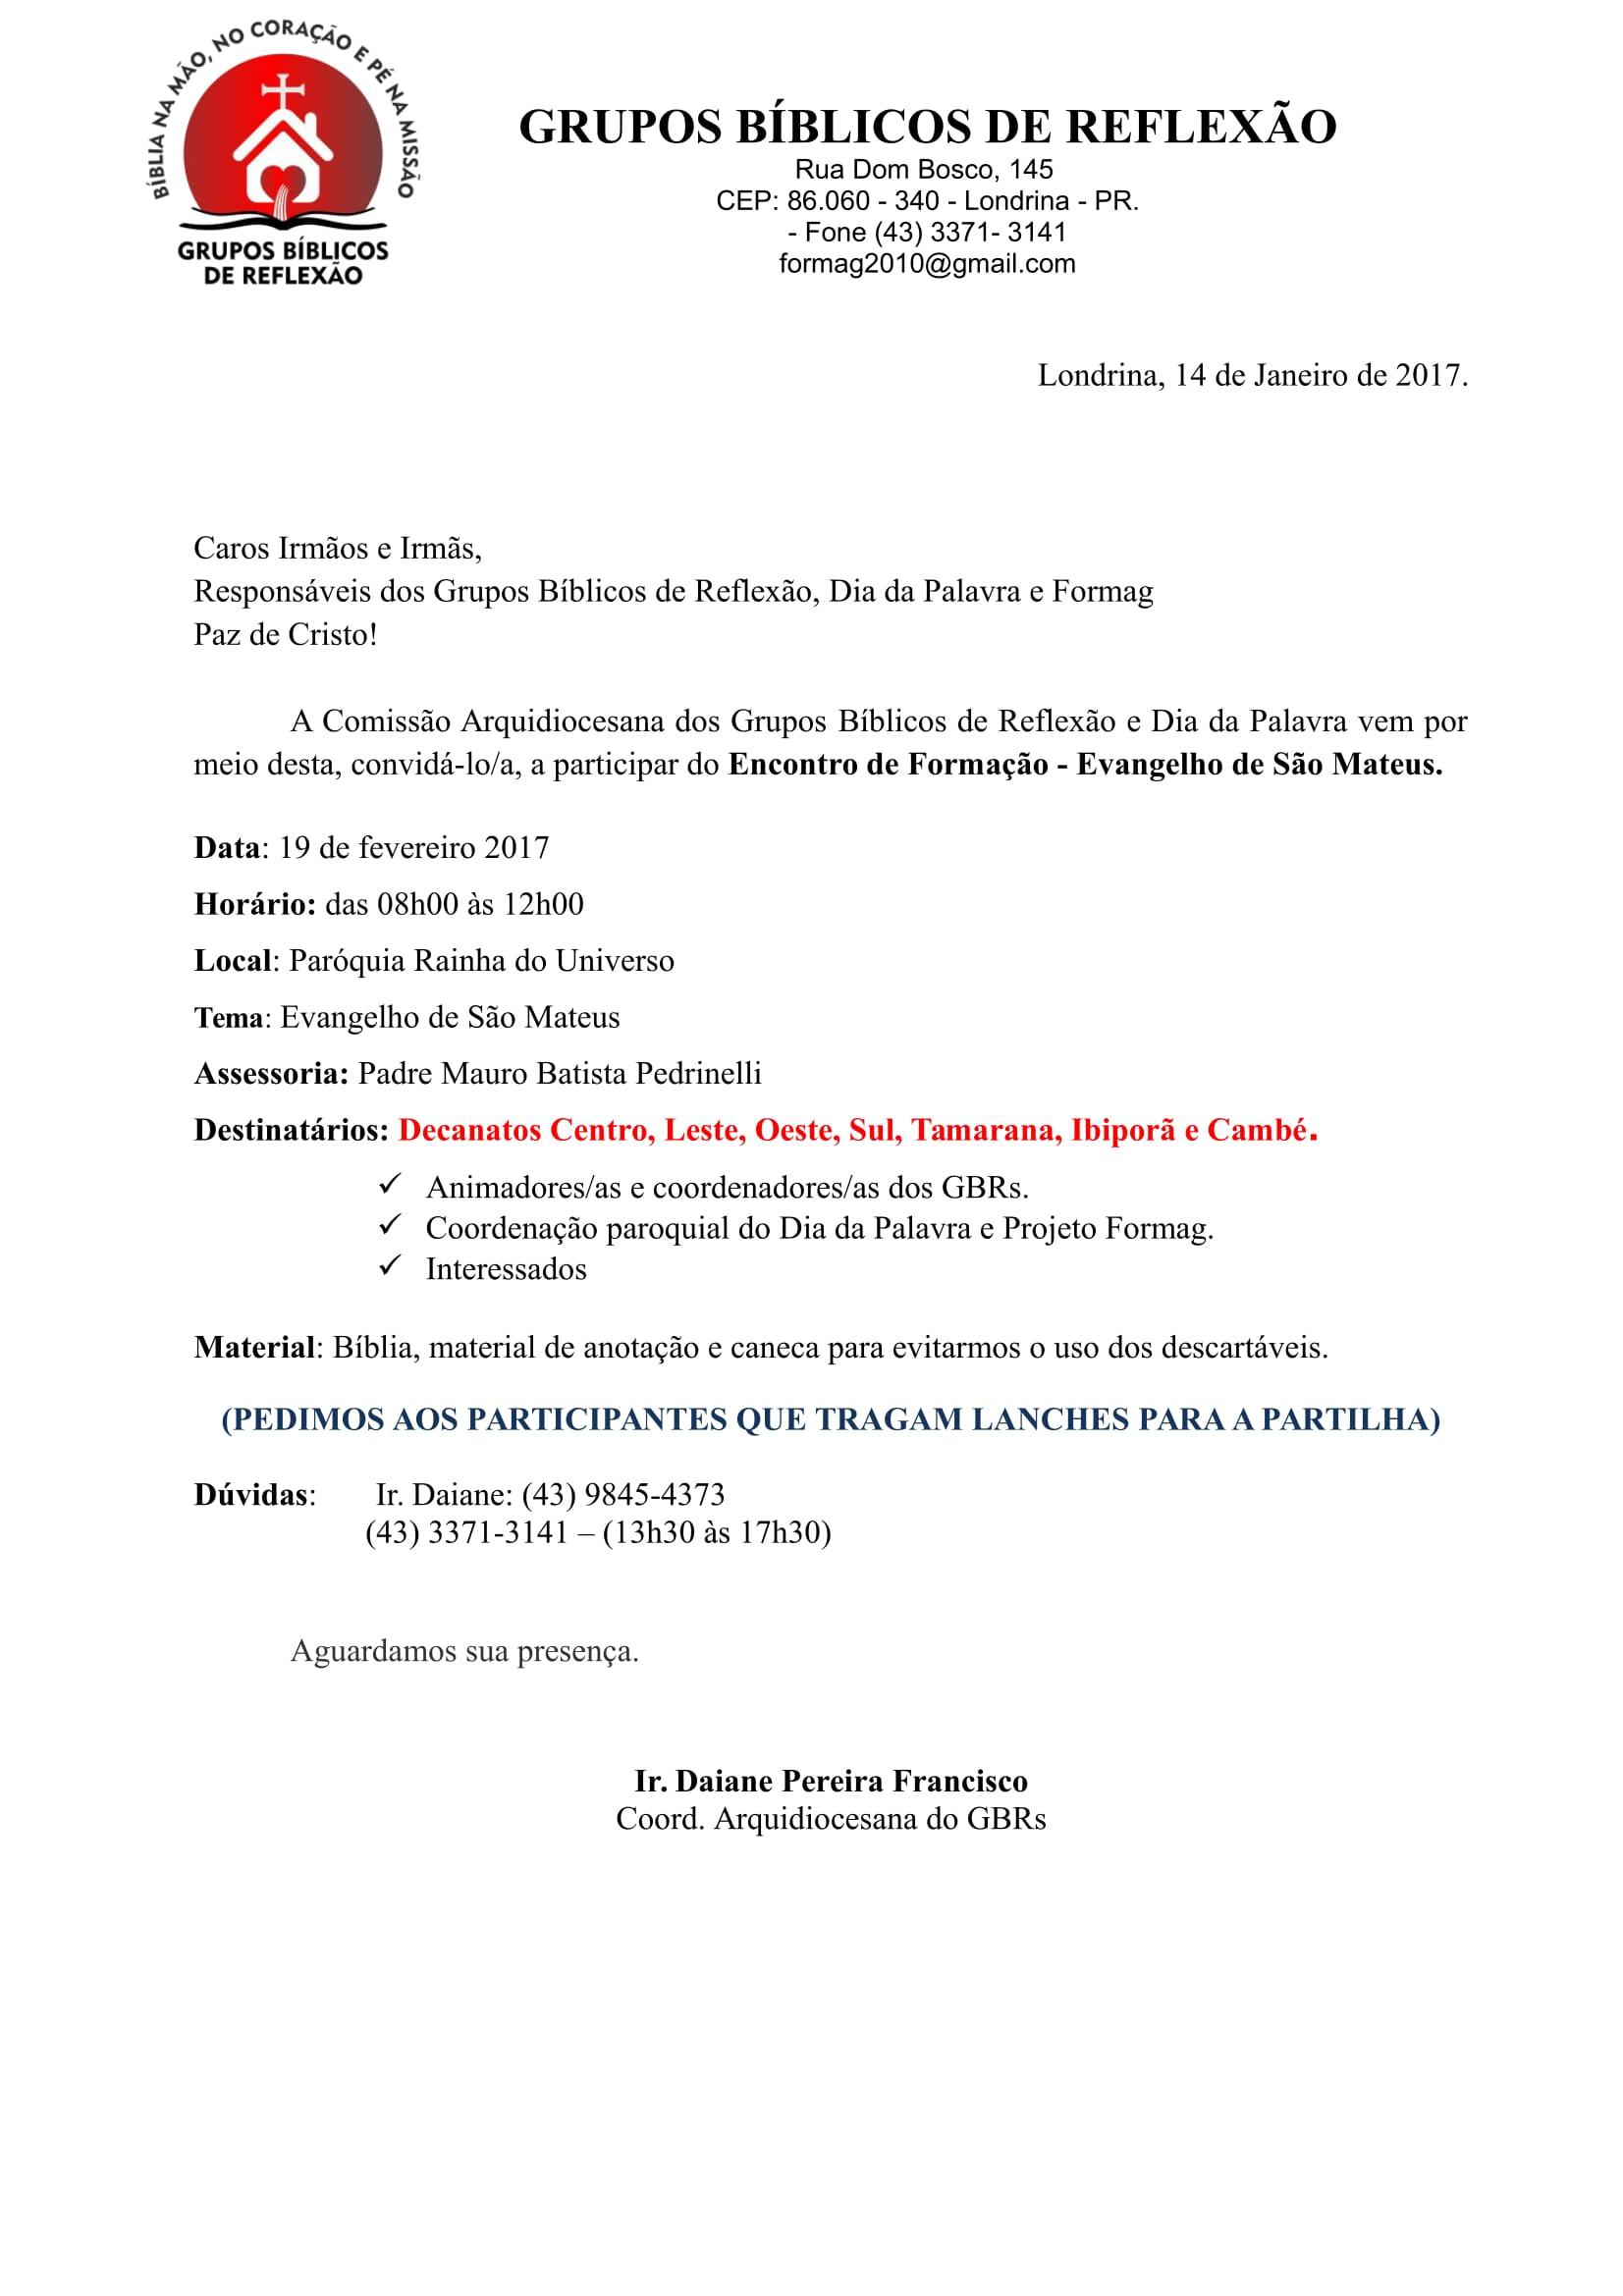 Carta-Convite - Evangelho de Mateus - Londrina.-1